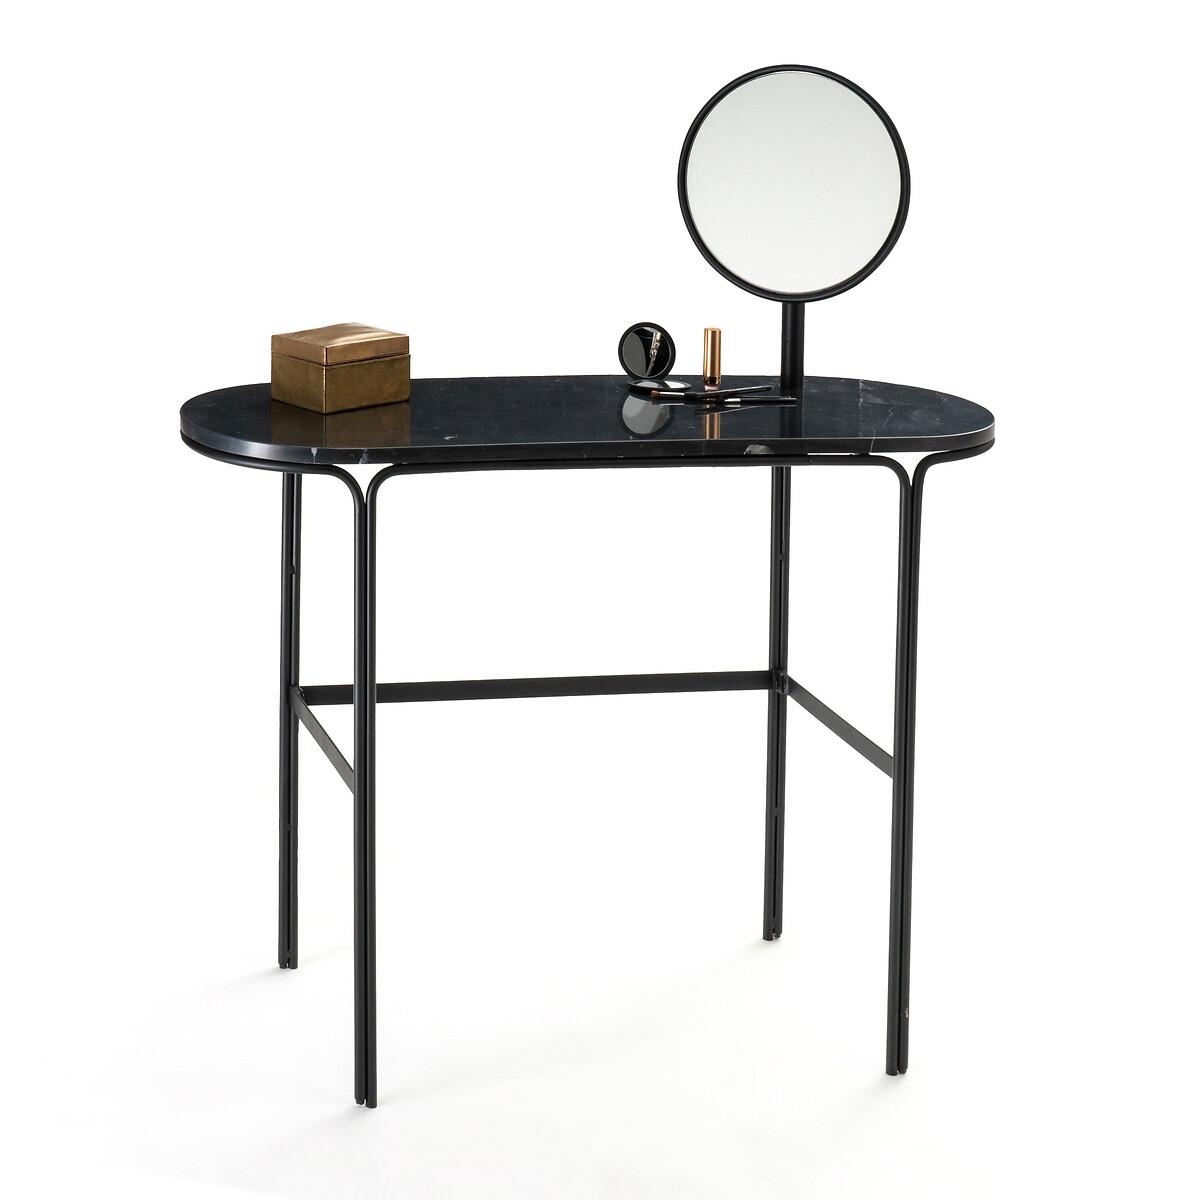 Столик LaRedoute Туалетный из мрамора и металла Moricio единый размер черный